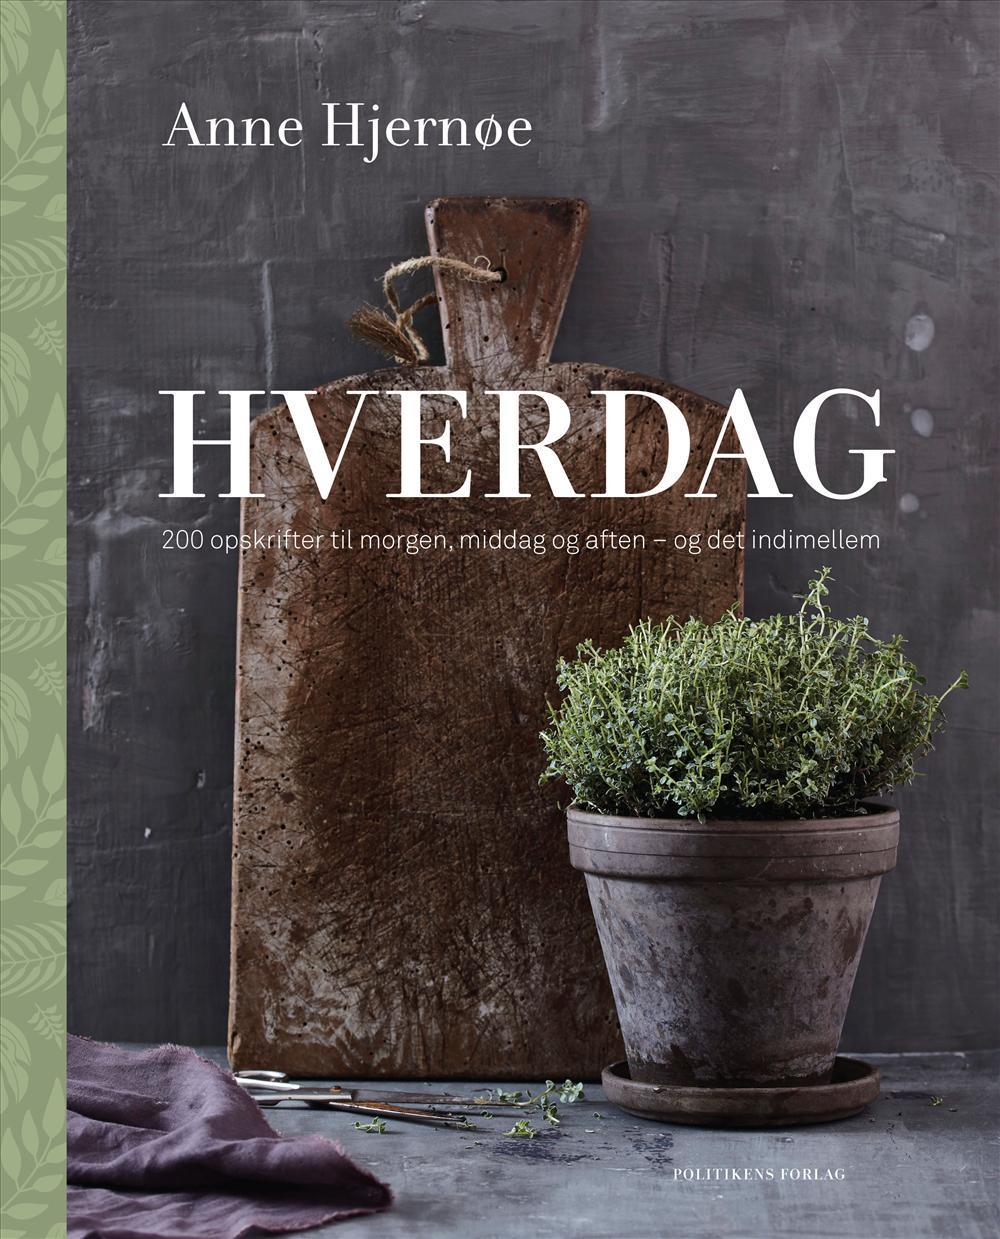 Hverdag - Anne Hjernø - Bøger - Politikens Forlag - 9788740036282 - 28/8-2017